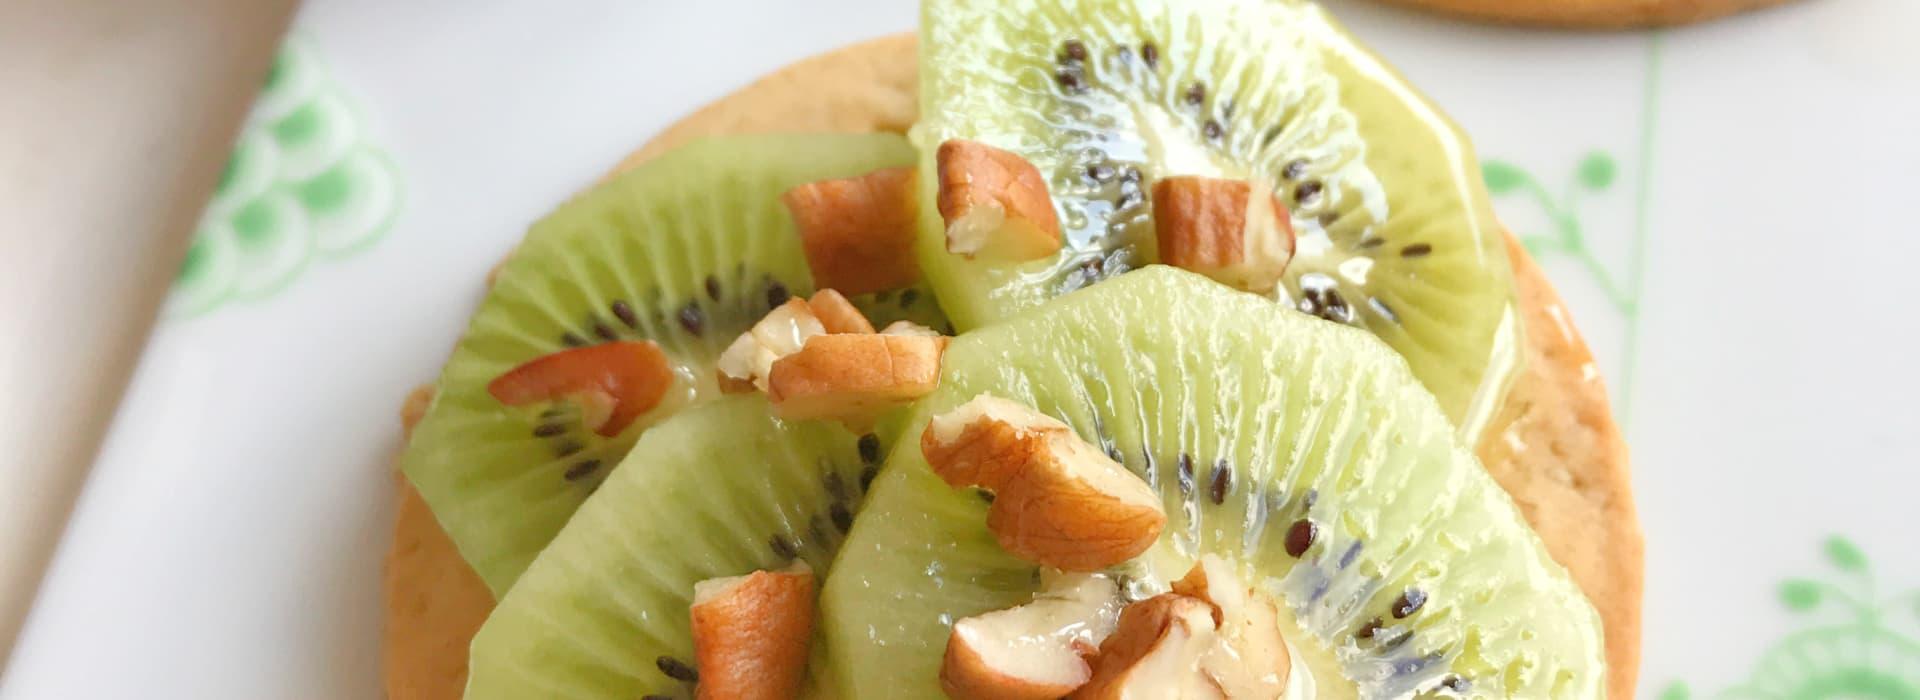 Sibas Havrekjeks med grønn te, frukt og bær